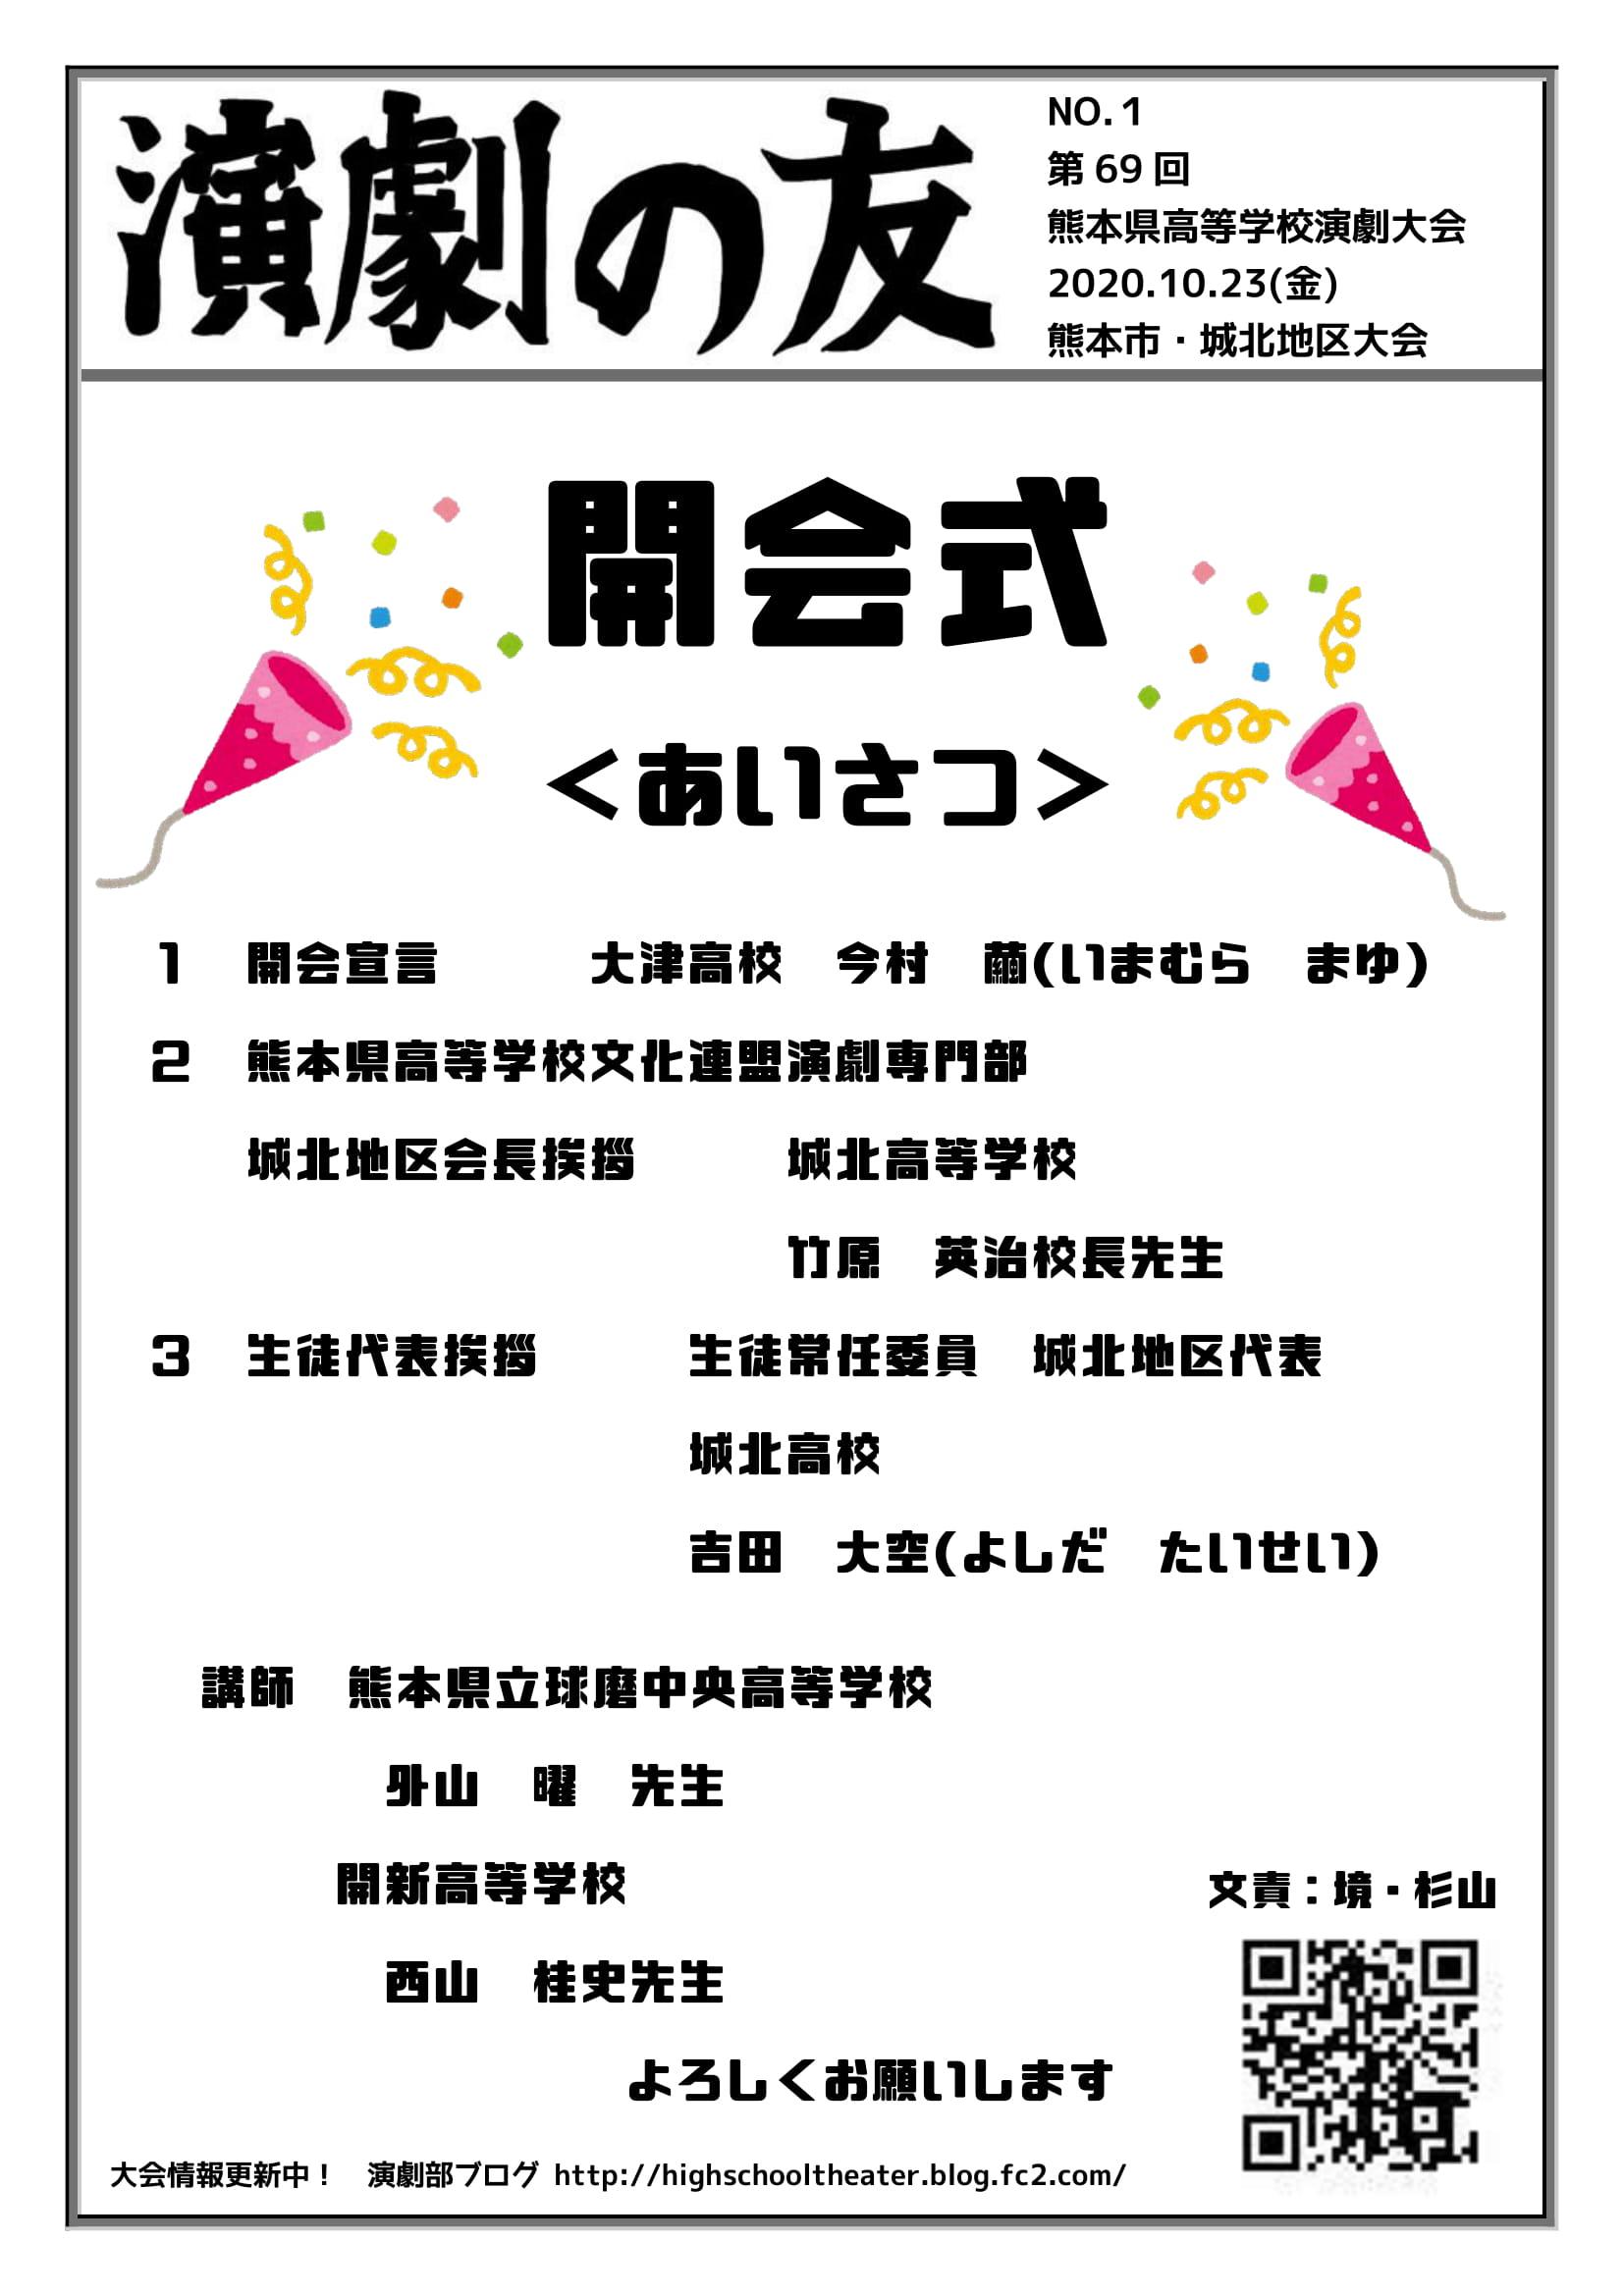 演劇の友 開会式-1[1]